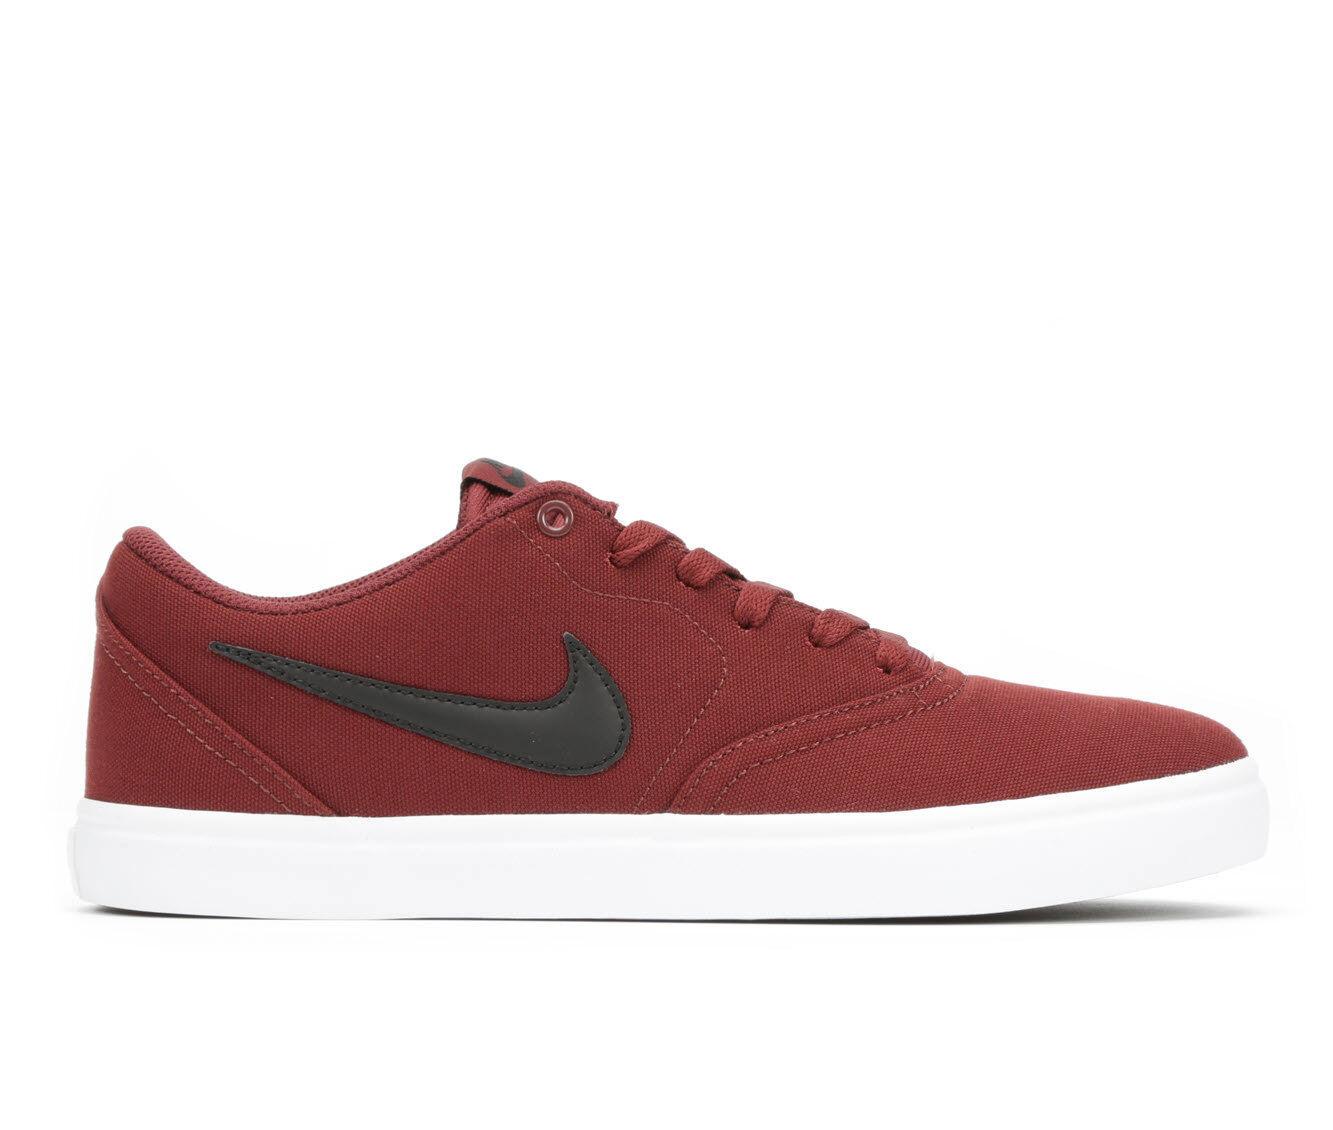 Nike SB Portmore II Burgundy & White Skate Shoes | NIKE SB